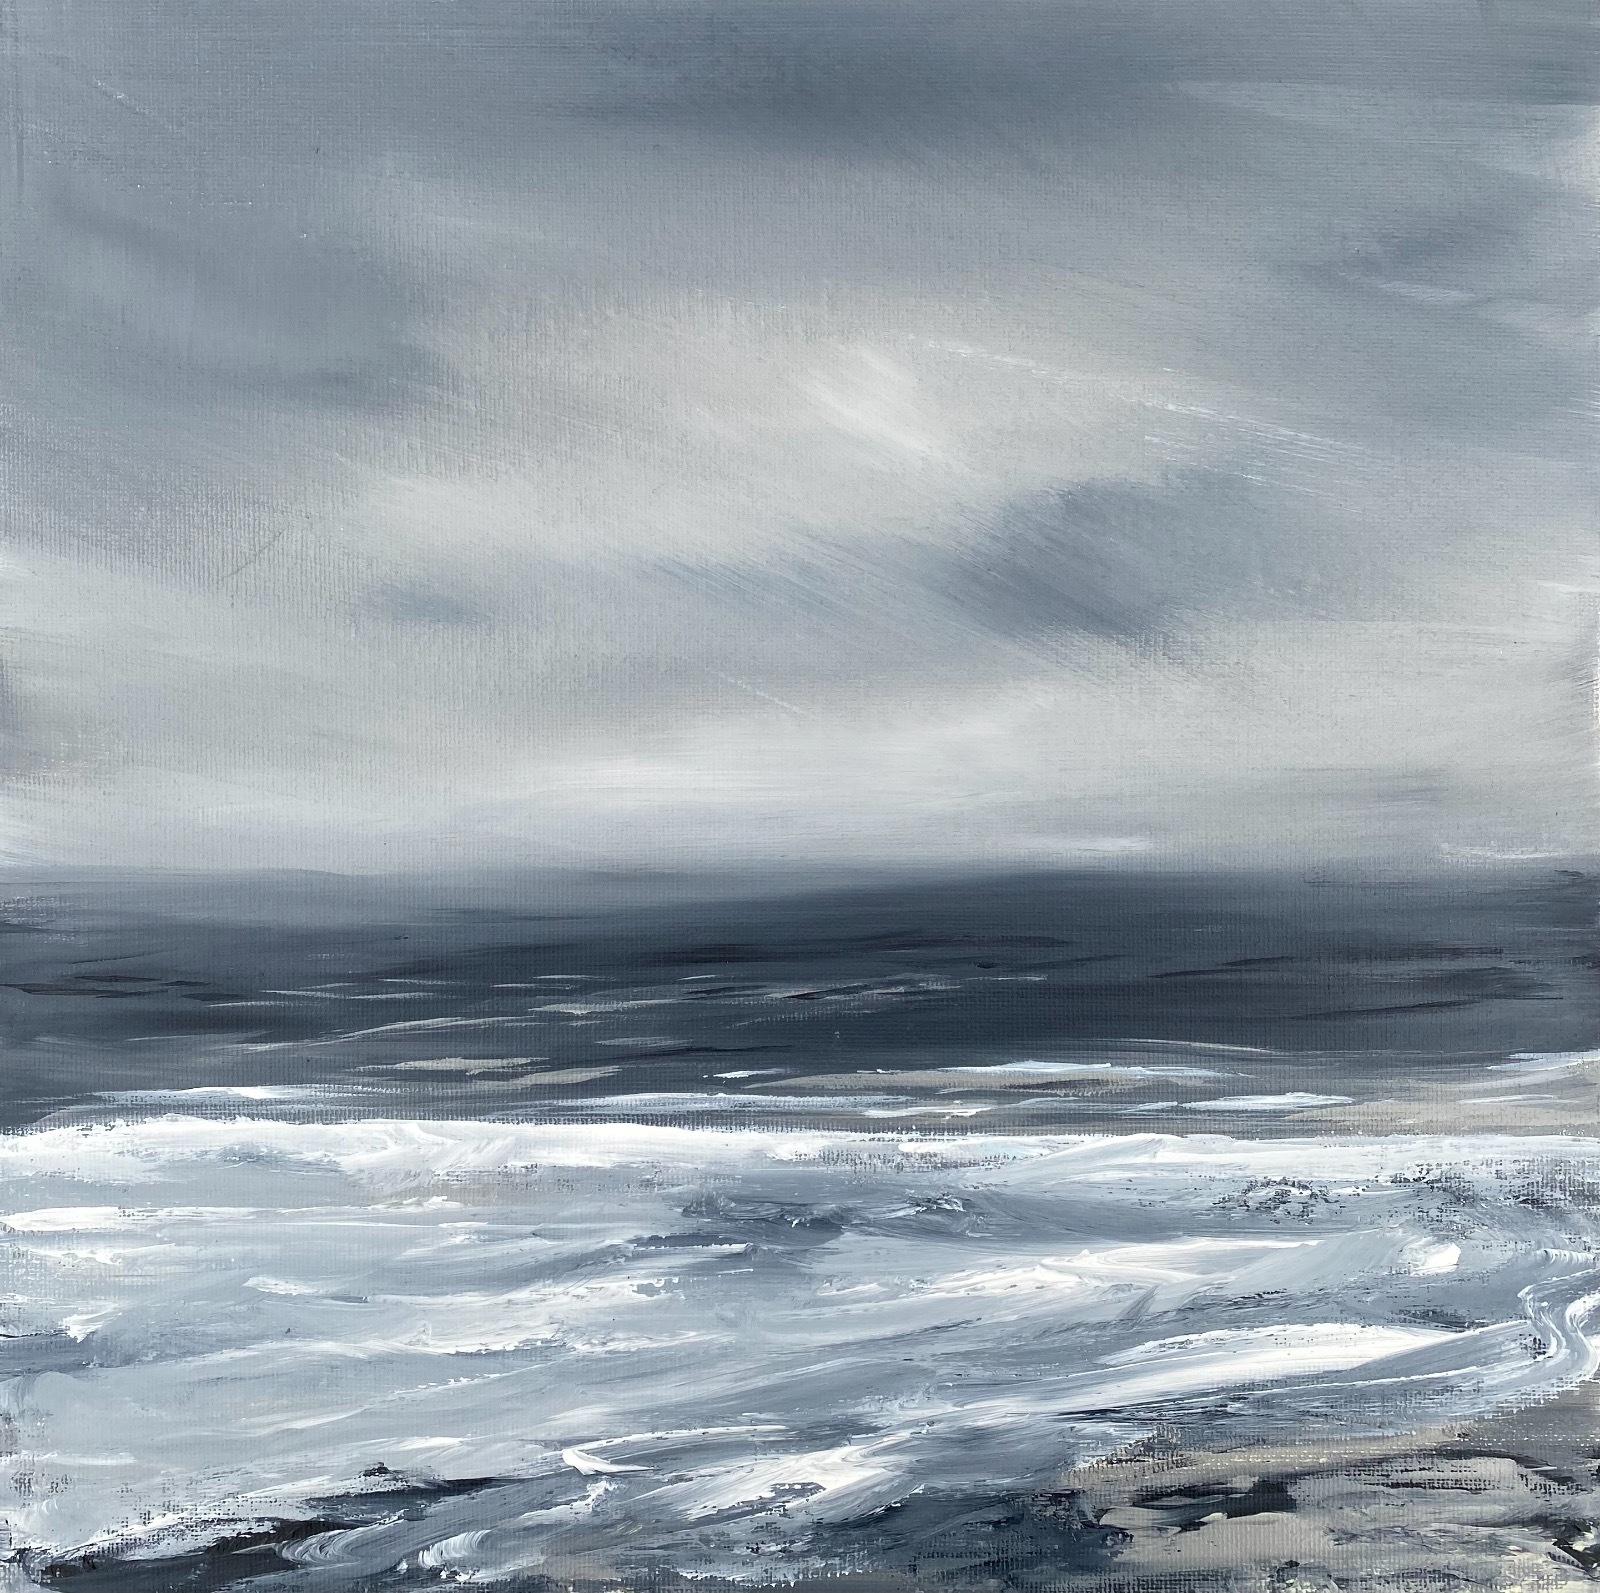 Monochrome seascape